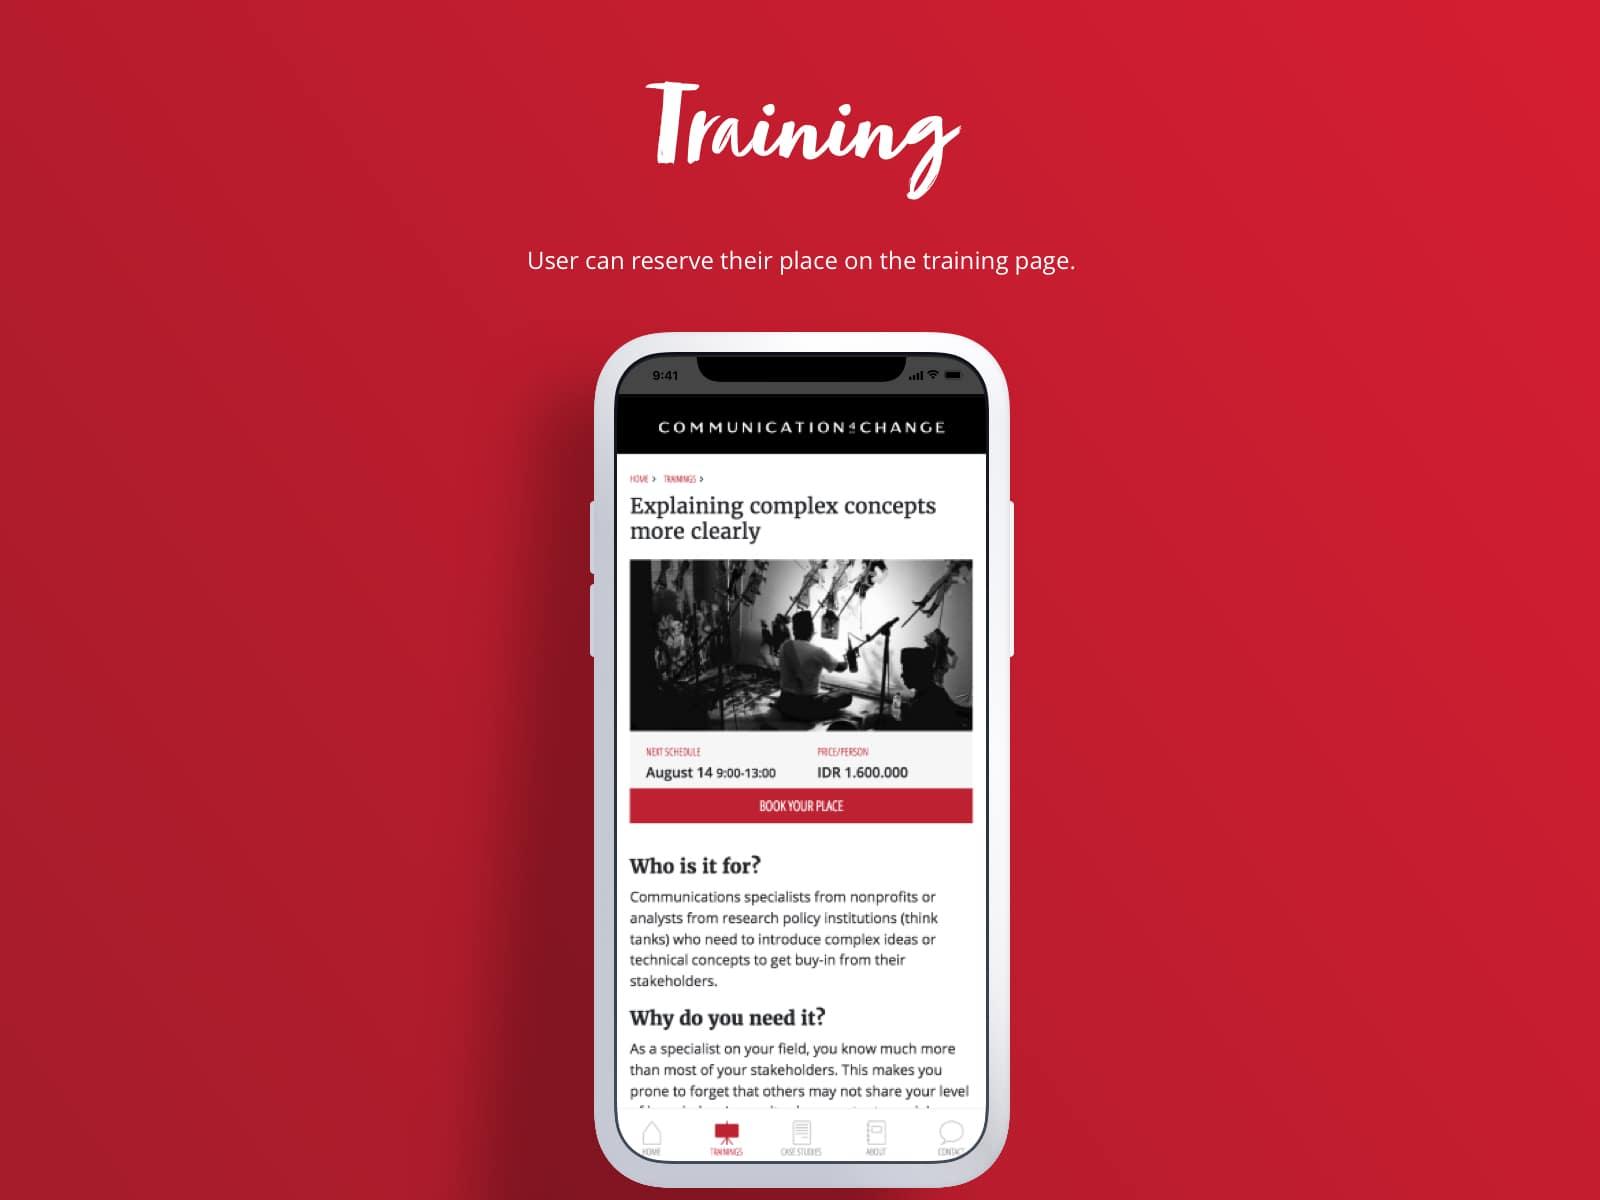 <p>Training</p>